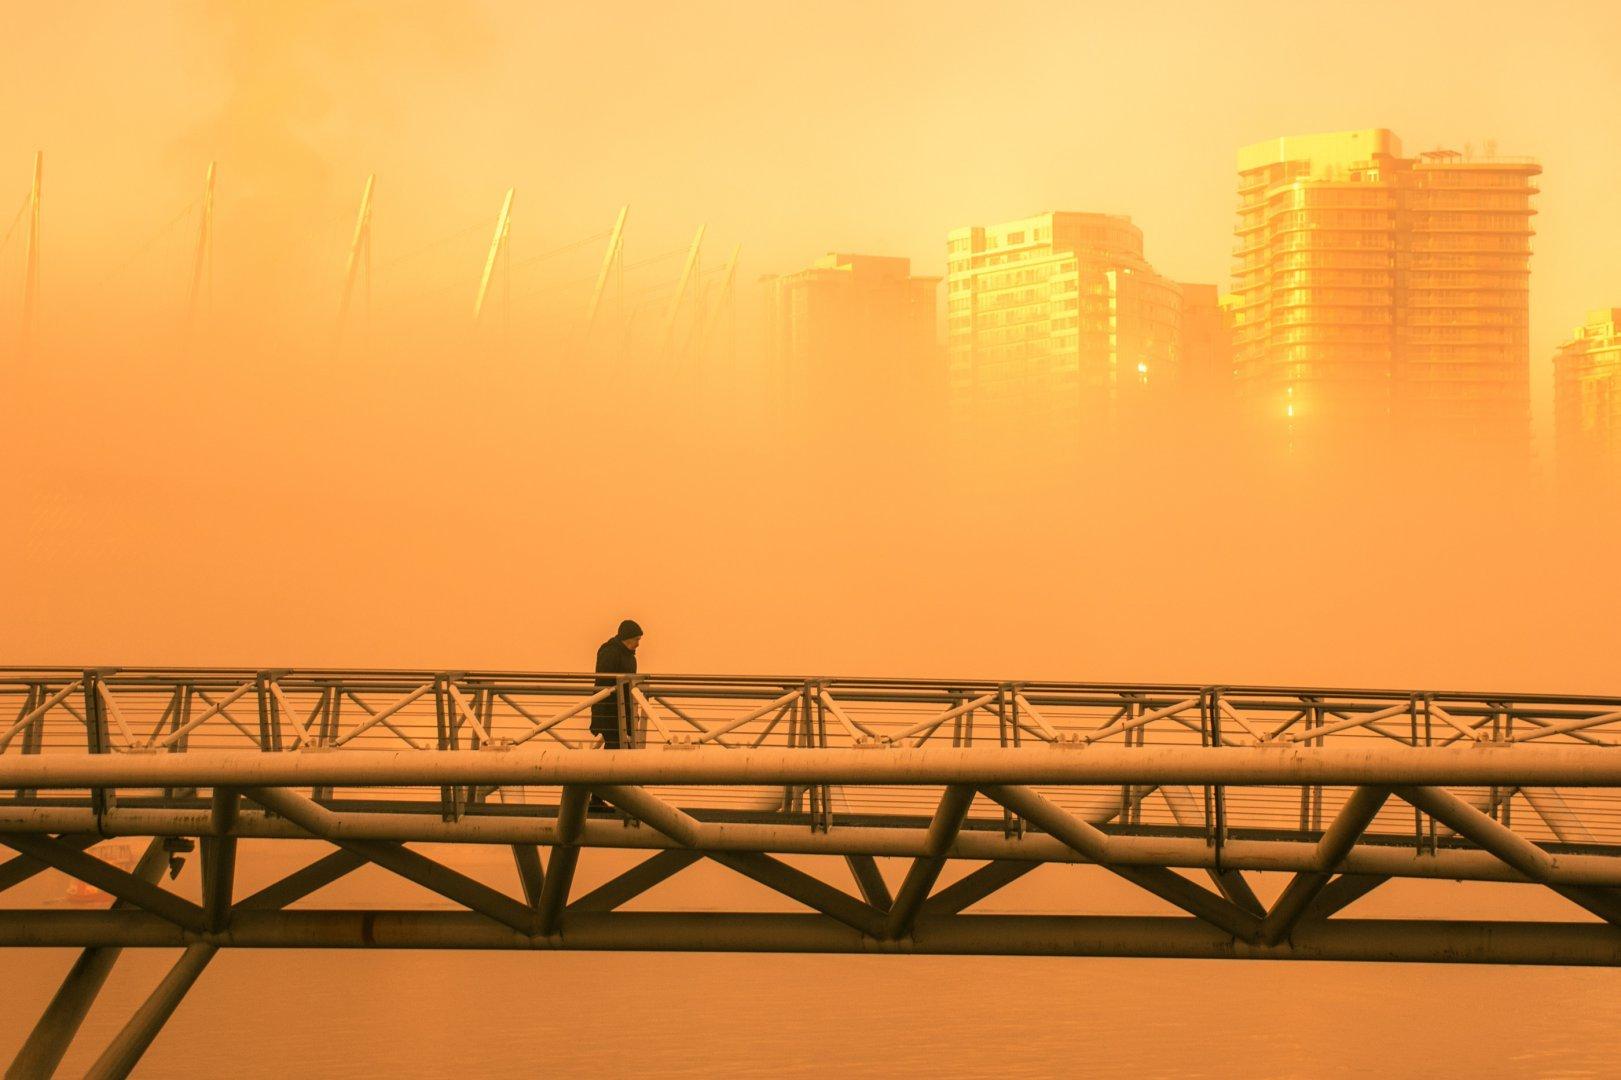 Фотография Liann (Vancouver, Canada)